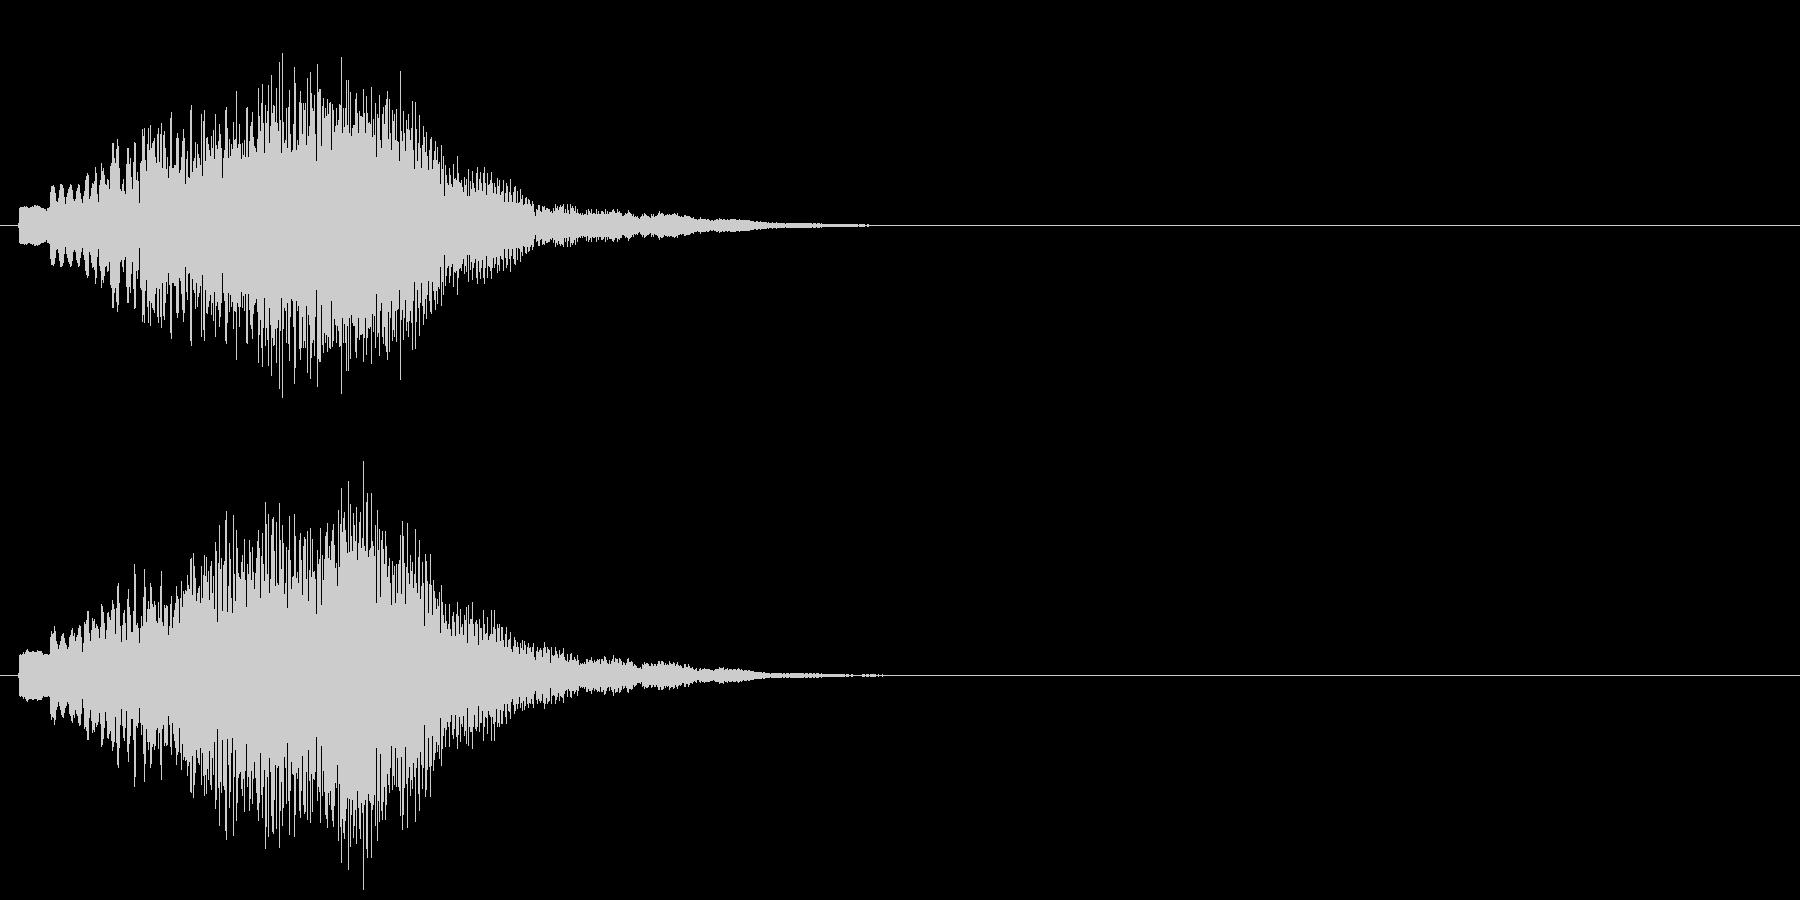 グリッサンド09 キラキラ(上昇)の未再生の波形